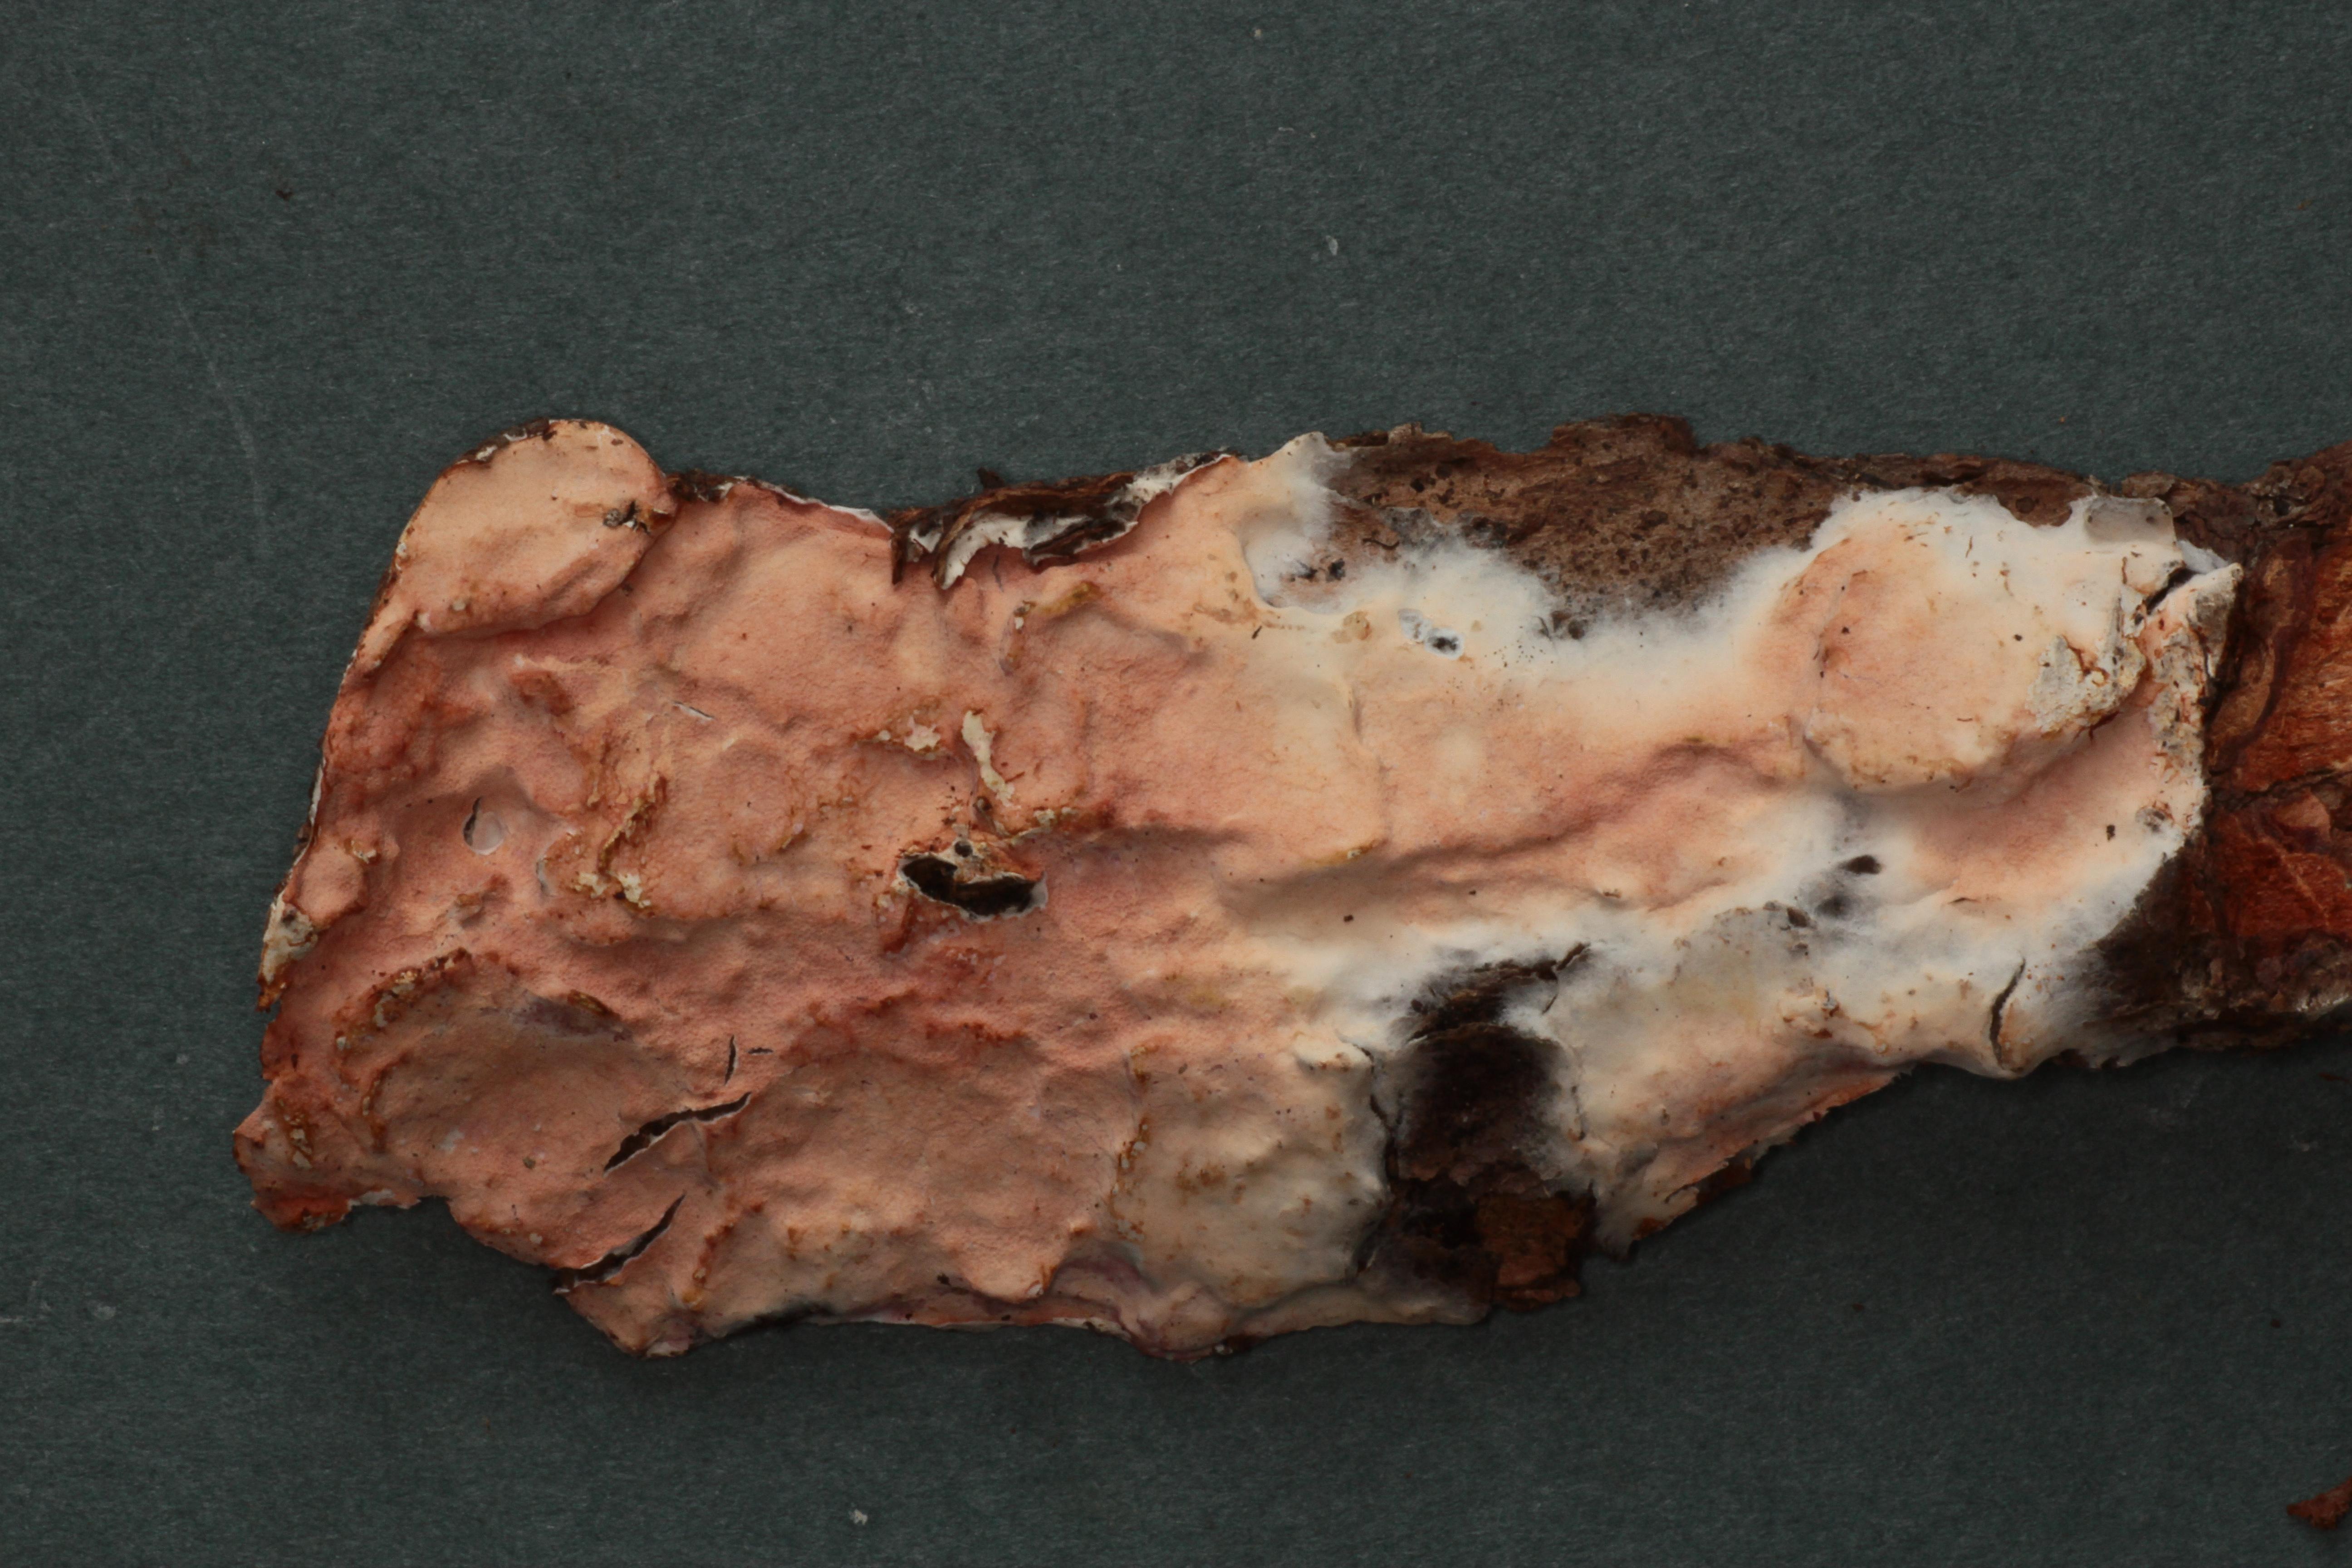 Ceraceomerulius rubicundus image